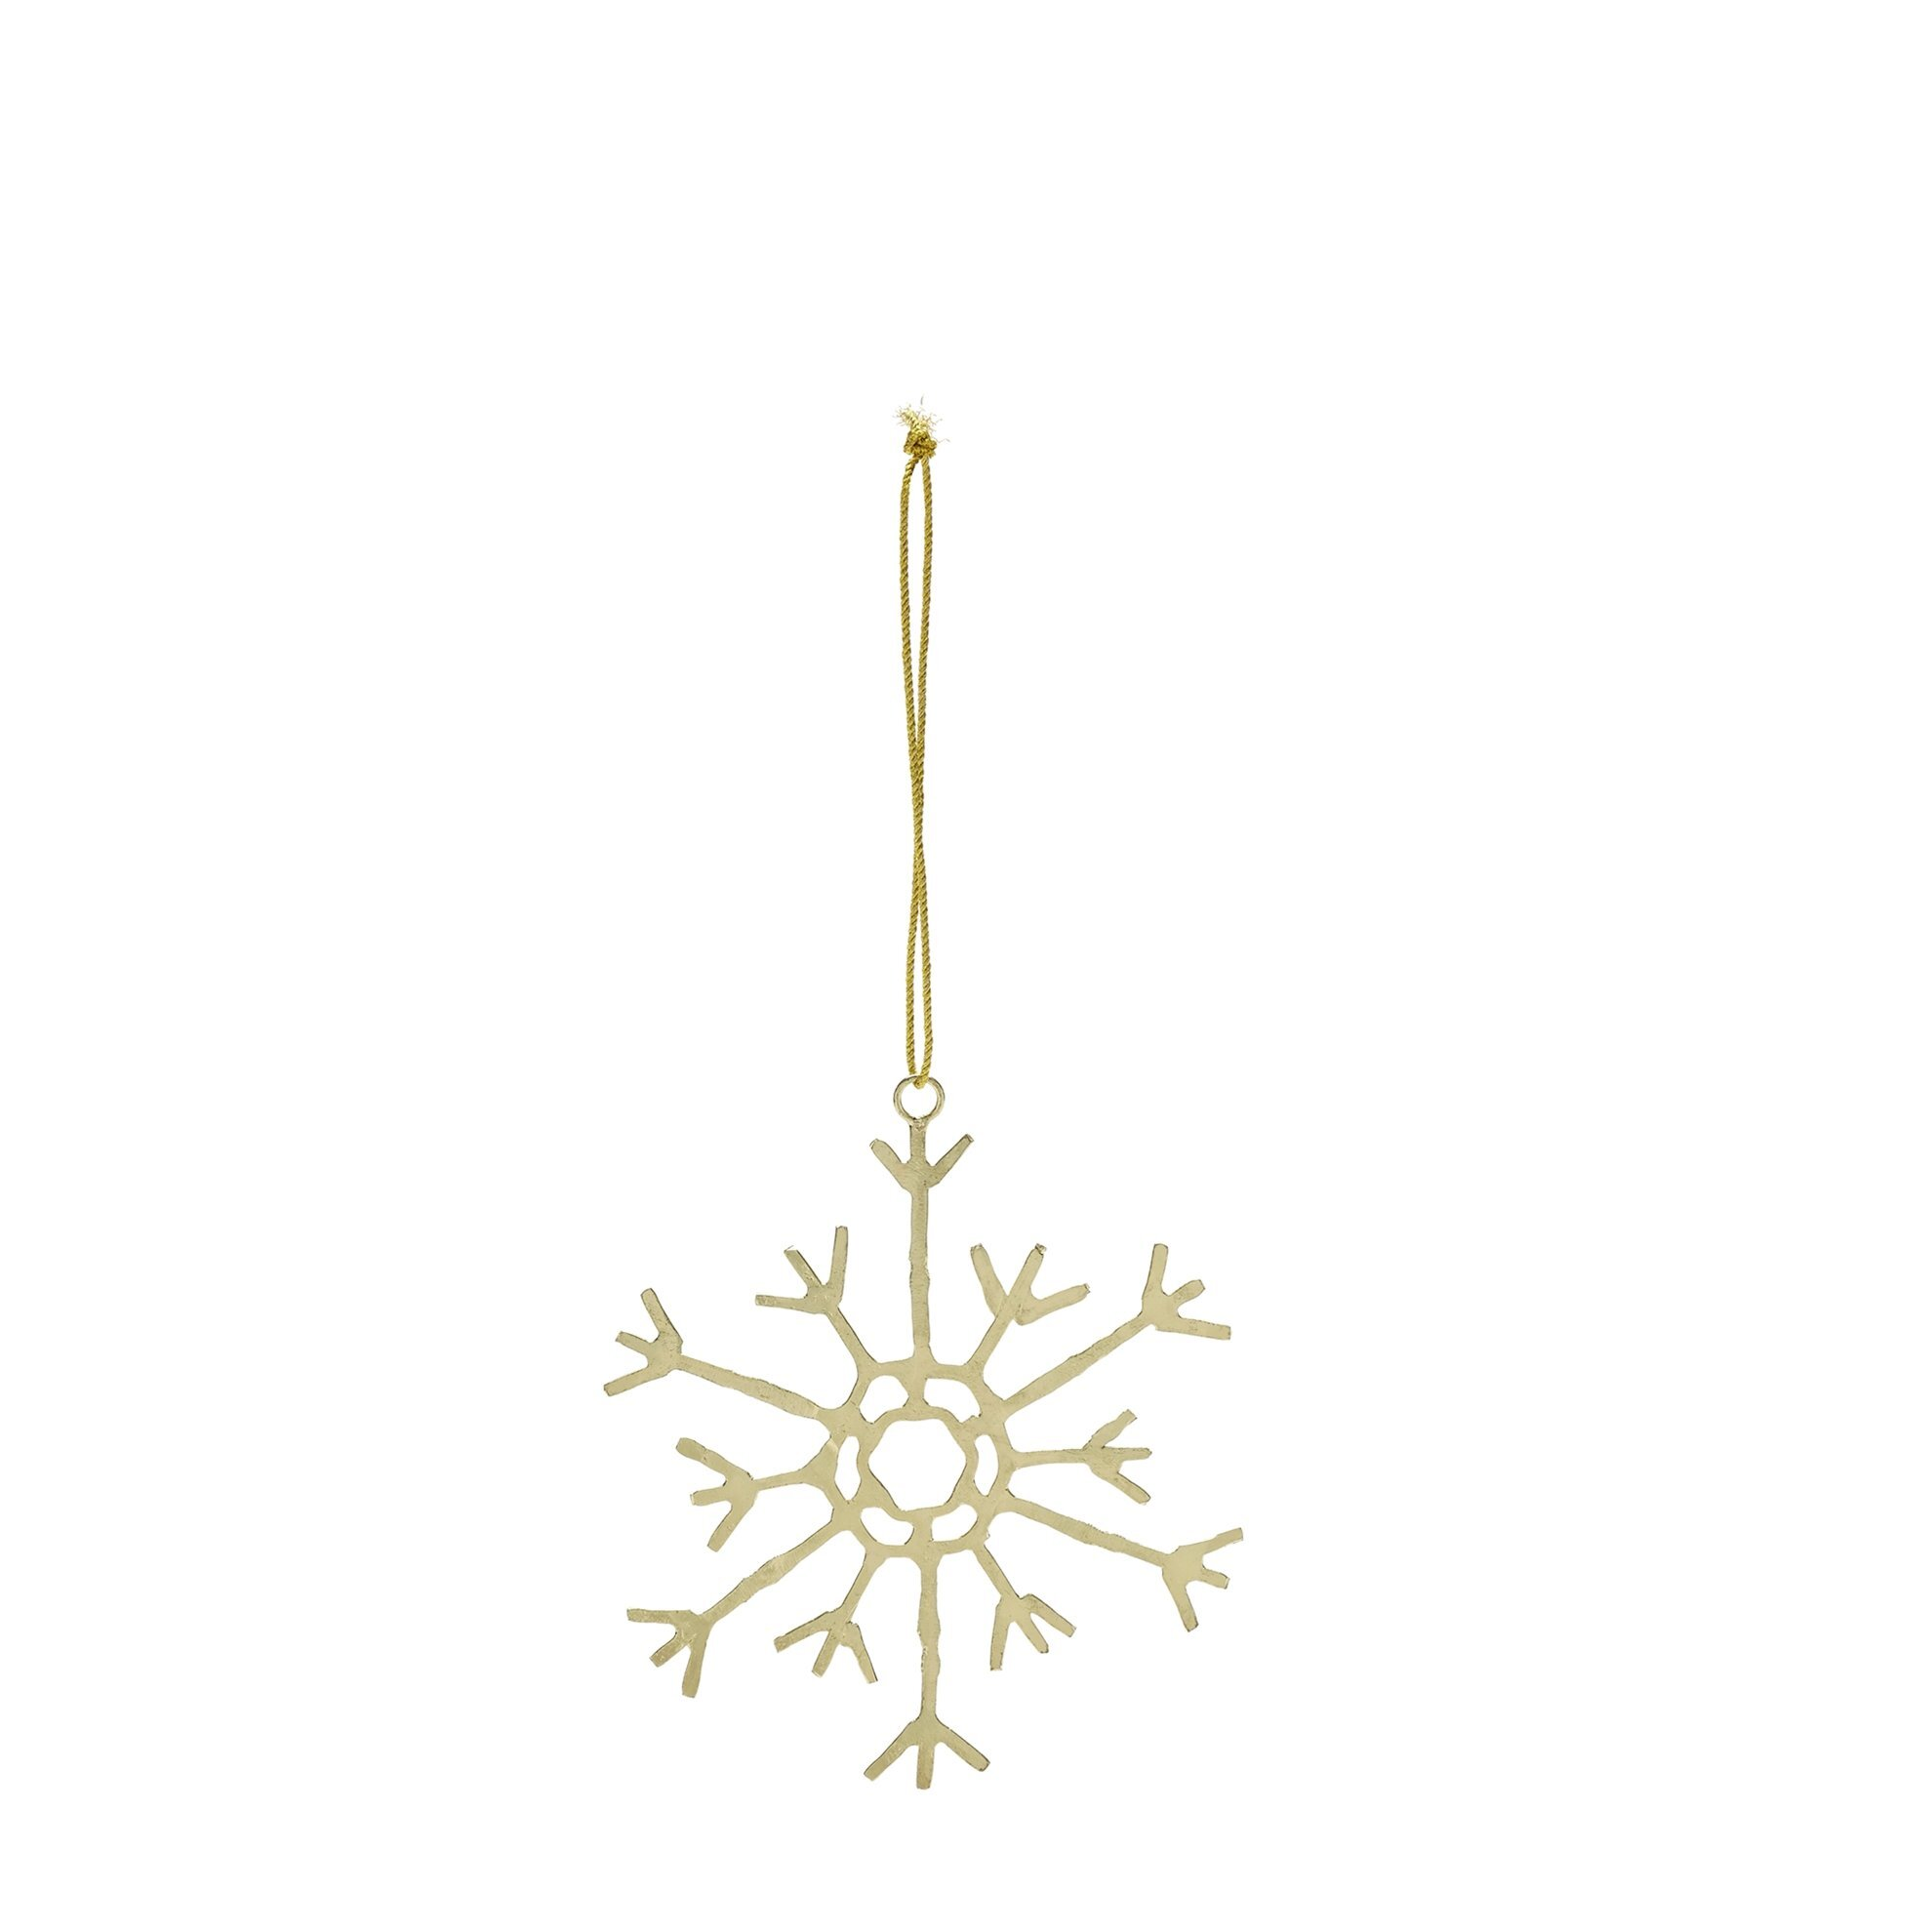 Weihnachtsschmuck - Schneeflocke